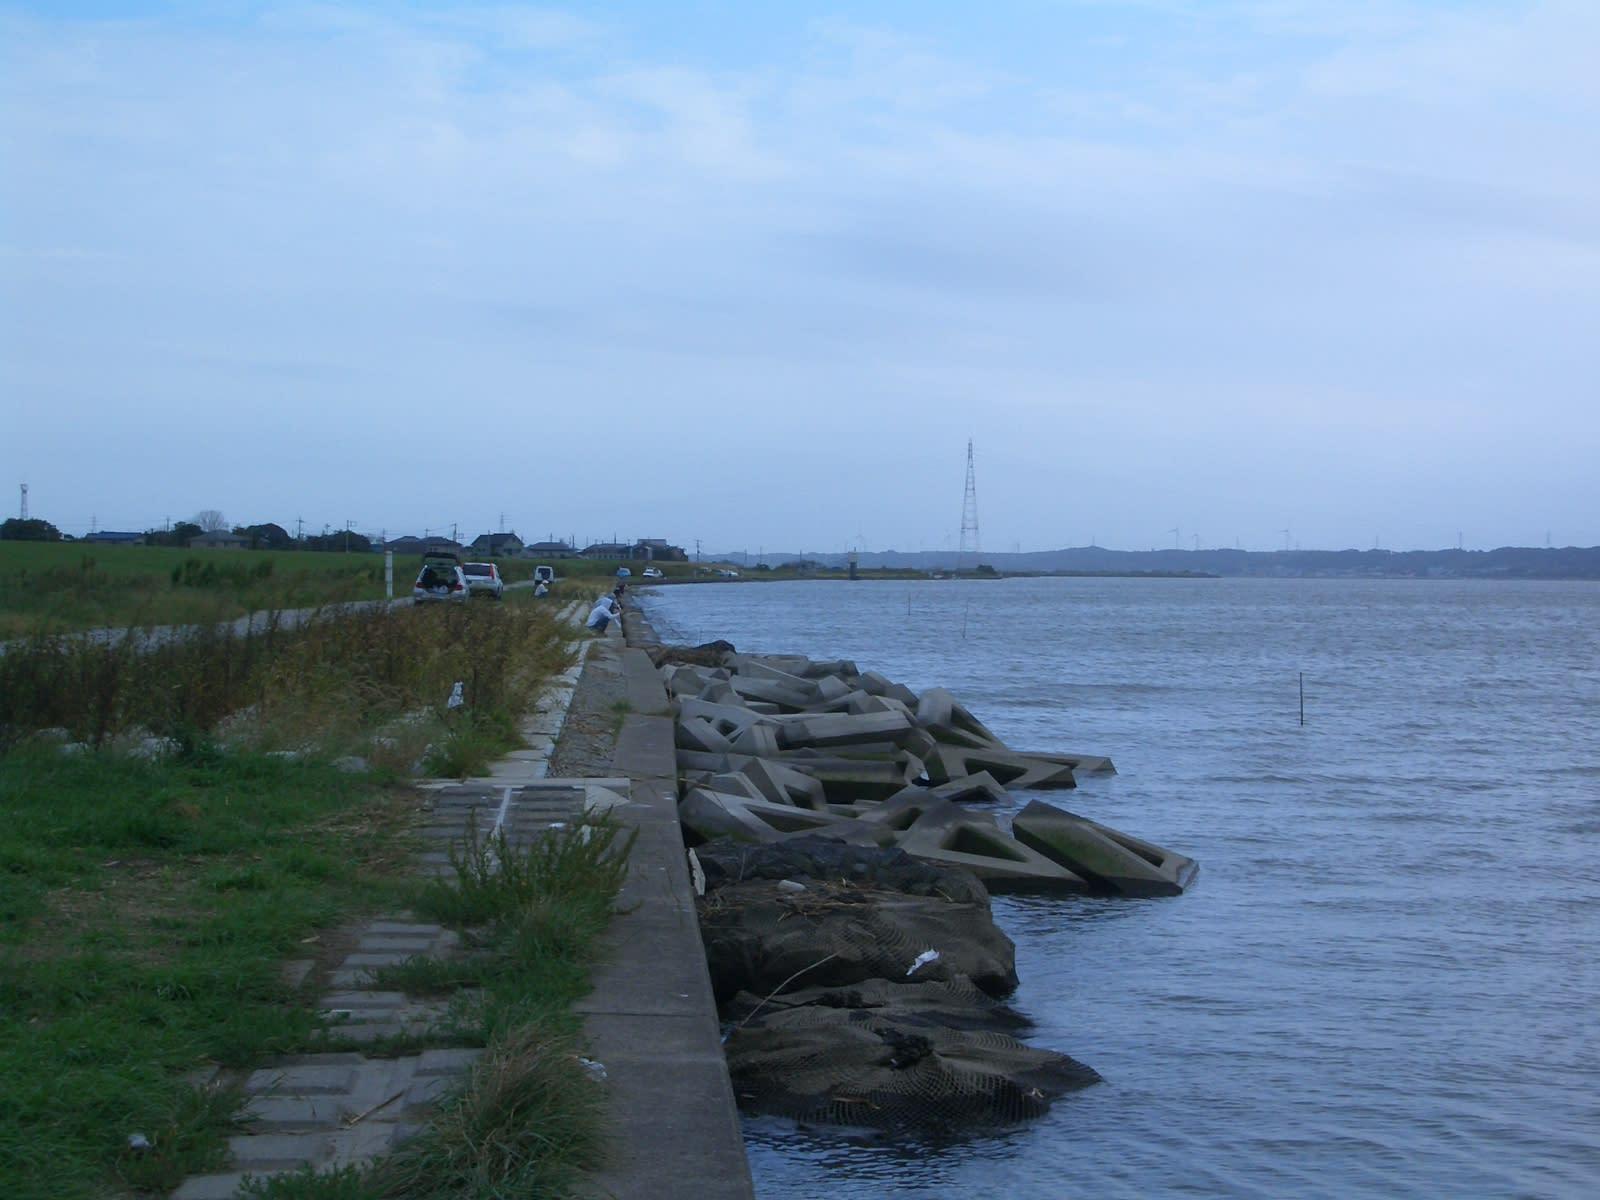 常陸川、利根川でハゼ釣り - 小見川 高橋つり具 ブログ